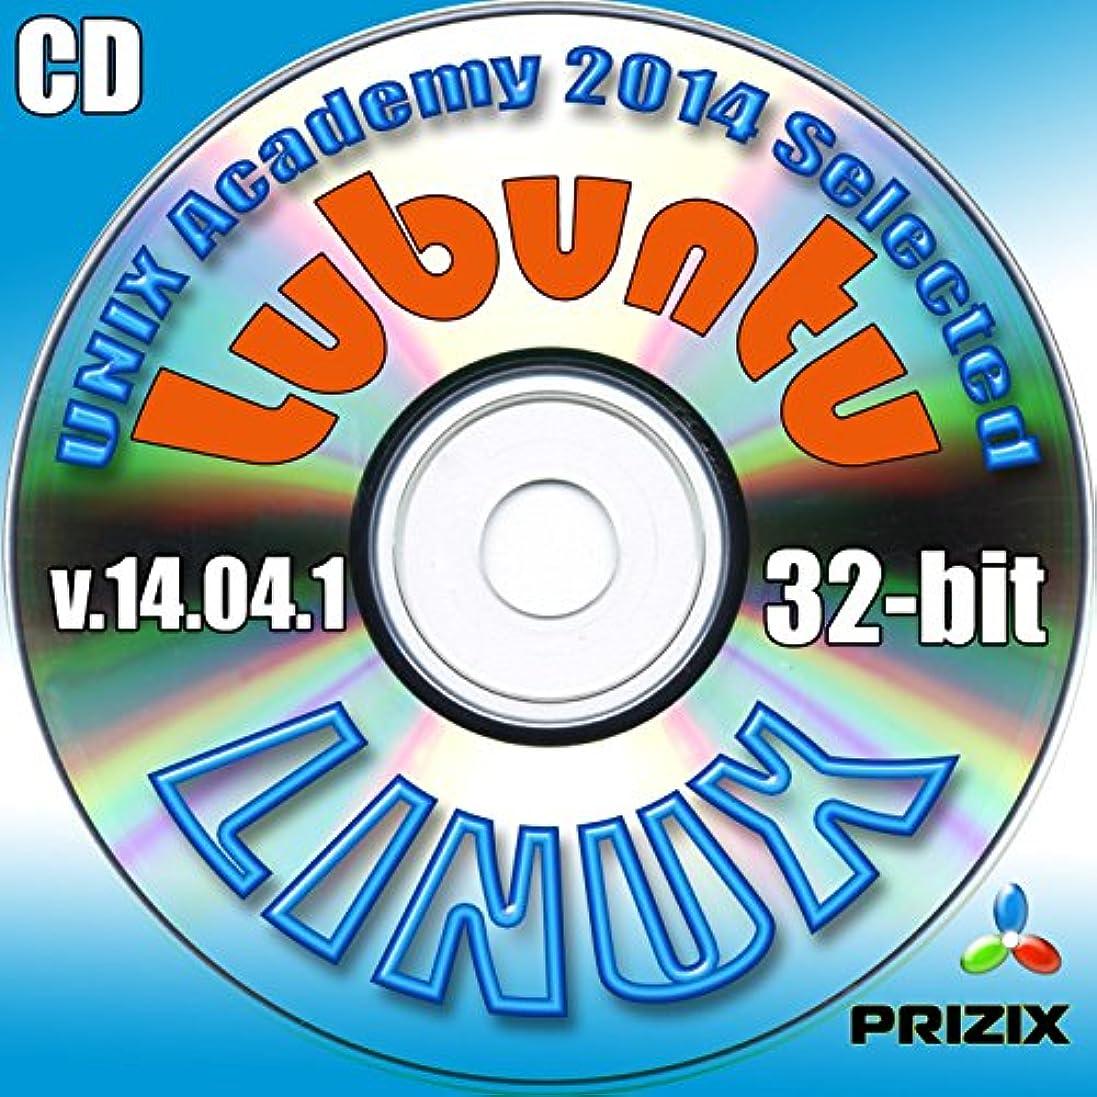 と誠意条件付きLubuntuの14.04.1のLinuxのDVDの32ビットフルインストールには、無料のUNIXアカデミー評価試験、